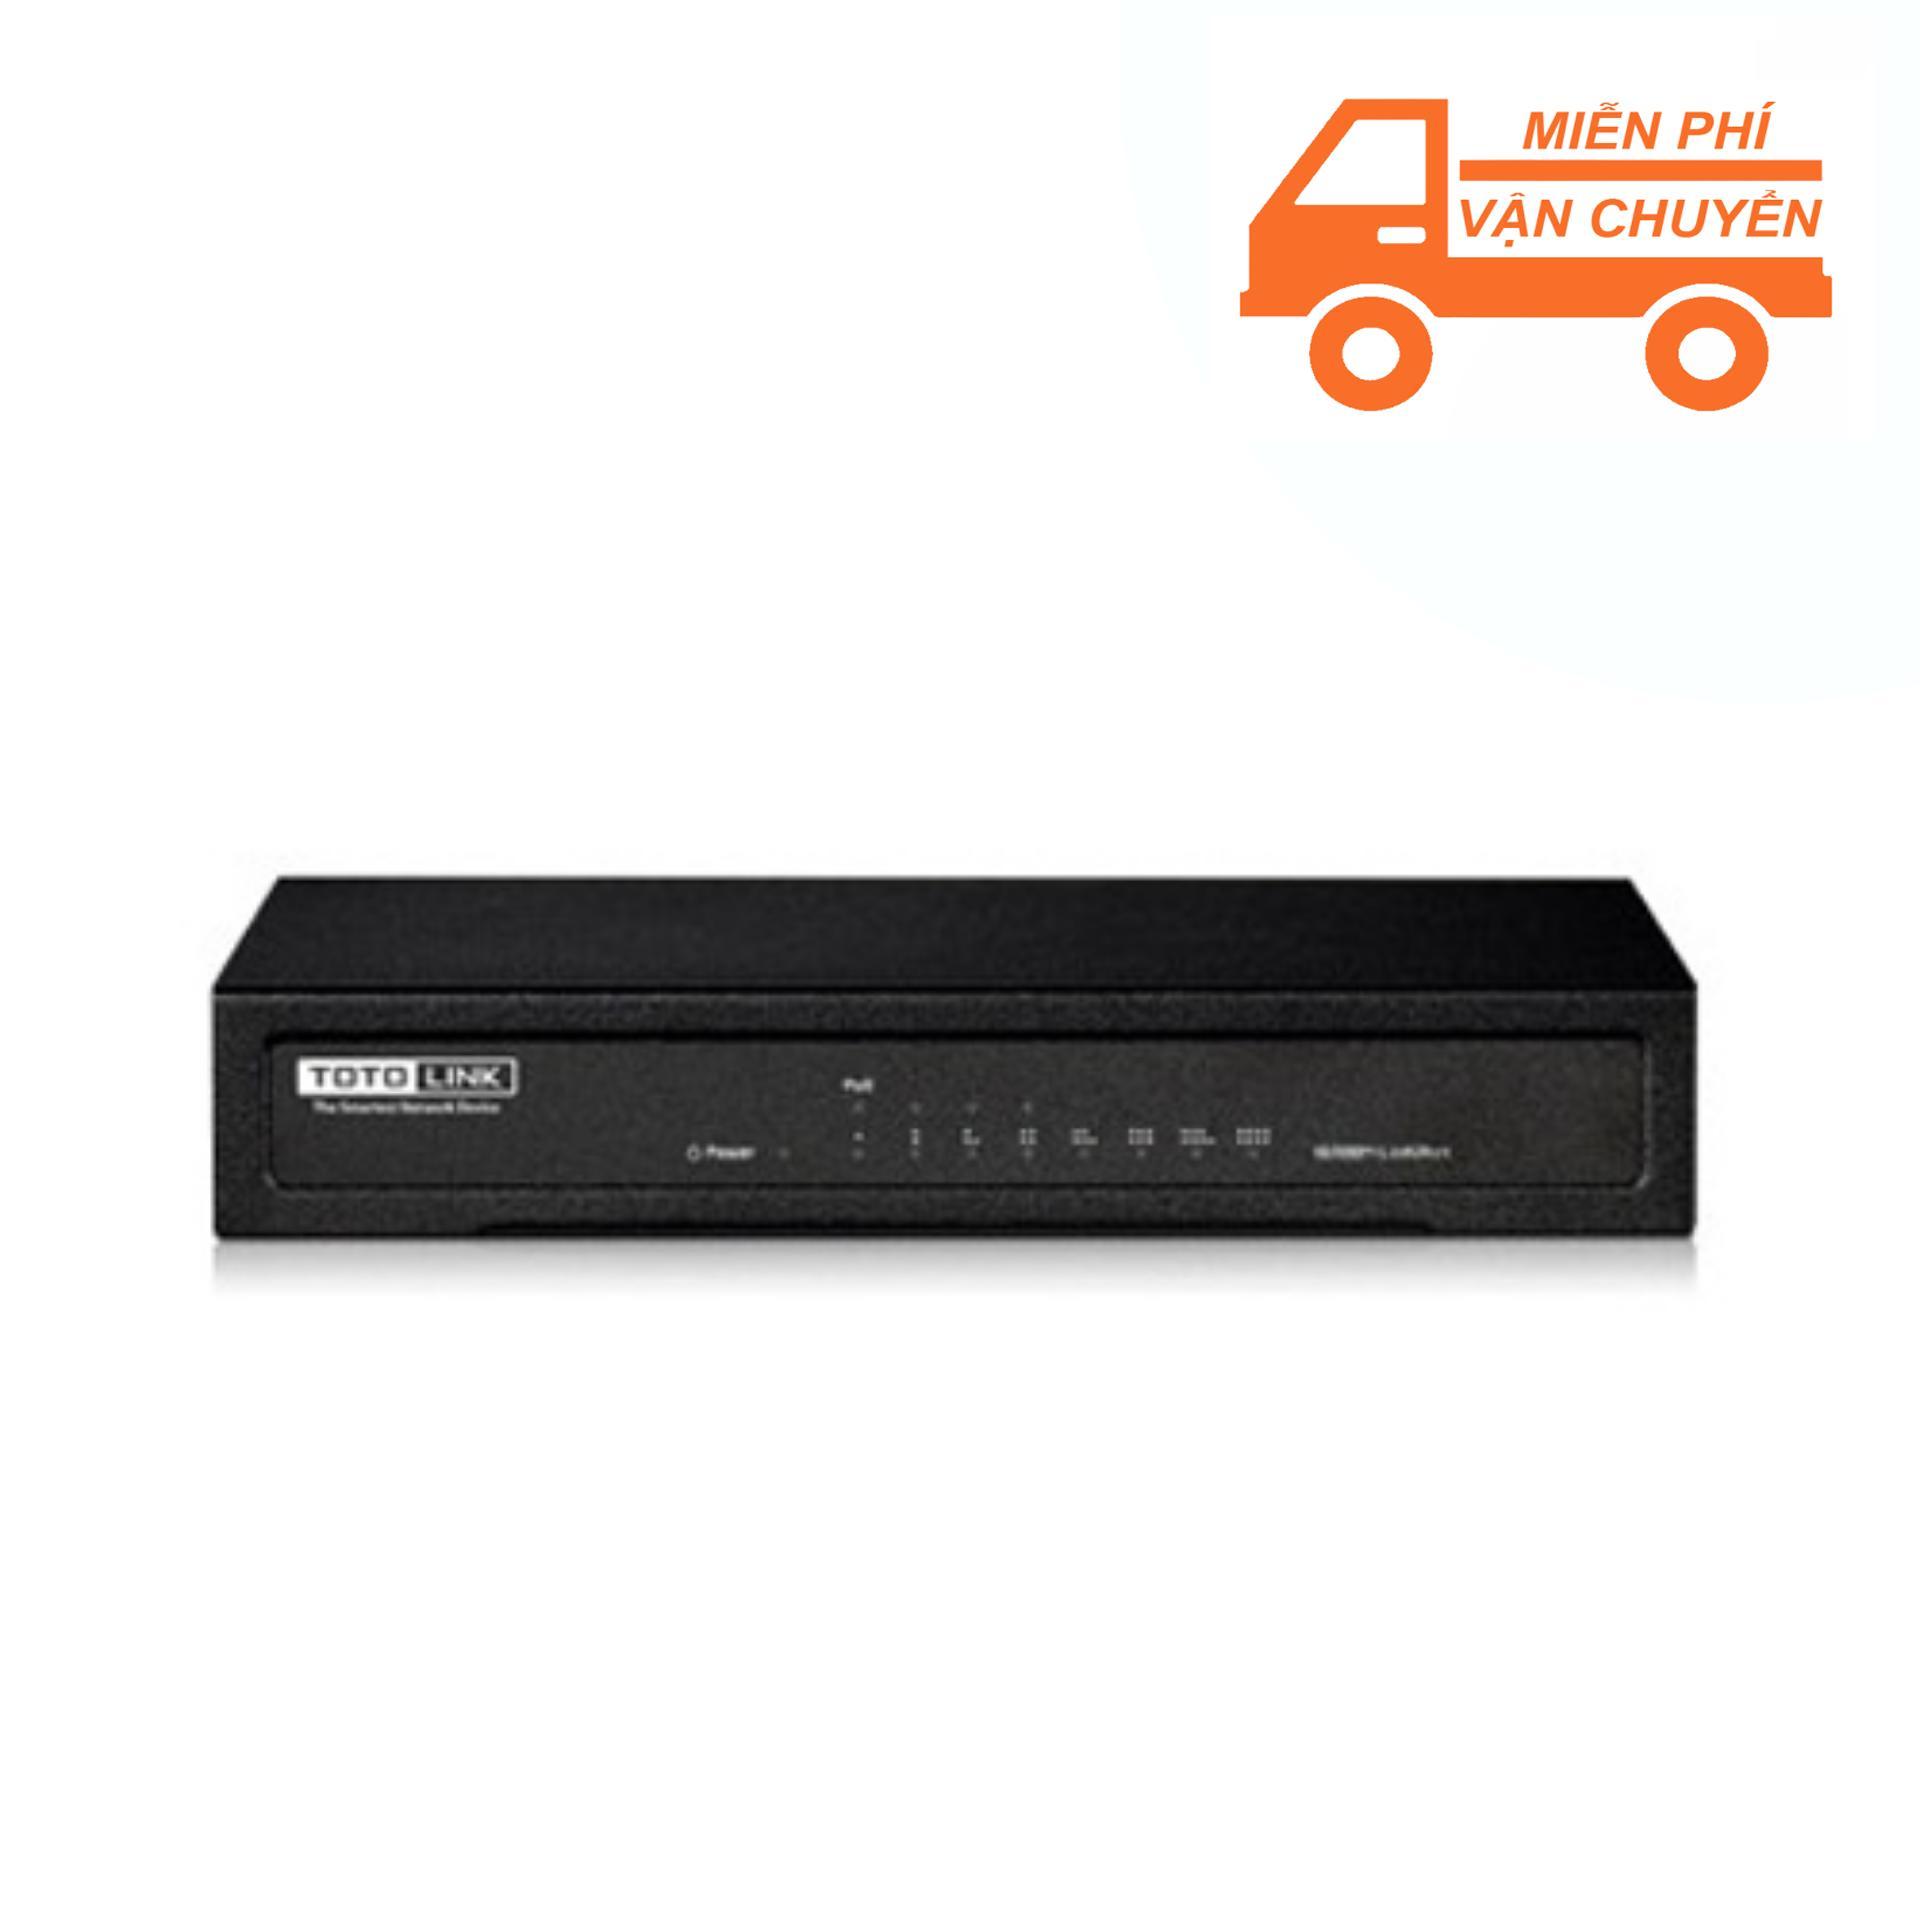 Hình ảnh Switch PoE 100Mbps 8 cổng TOTOLINK SW804P (Đen) - Hãng phân phối chính thức